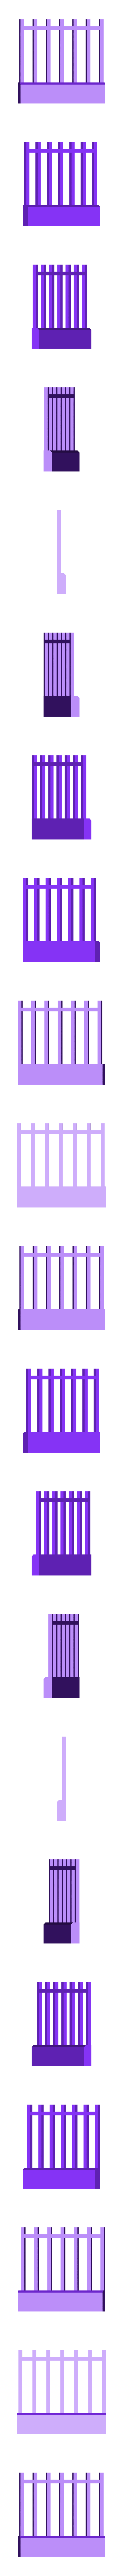 nick2_railb_1.stl Télécharger fichier STL gratuit Ripper's London - The Nick • Plan pour imprimante 3D, Earsling